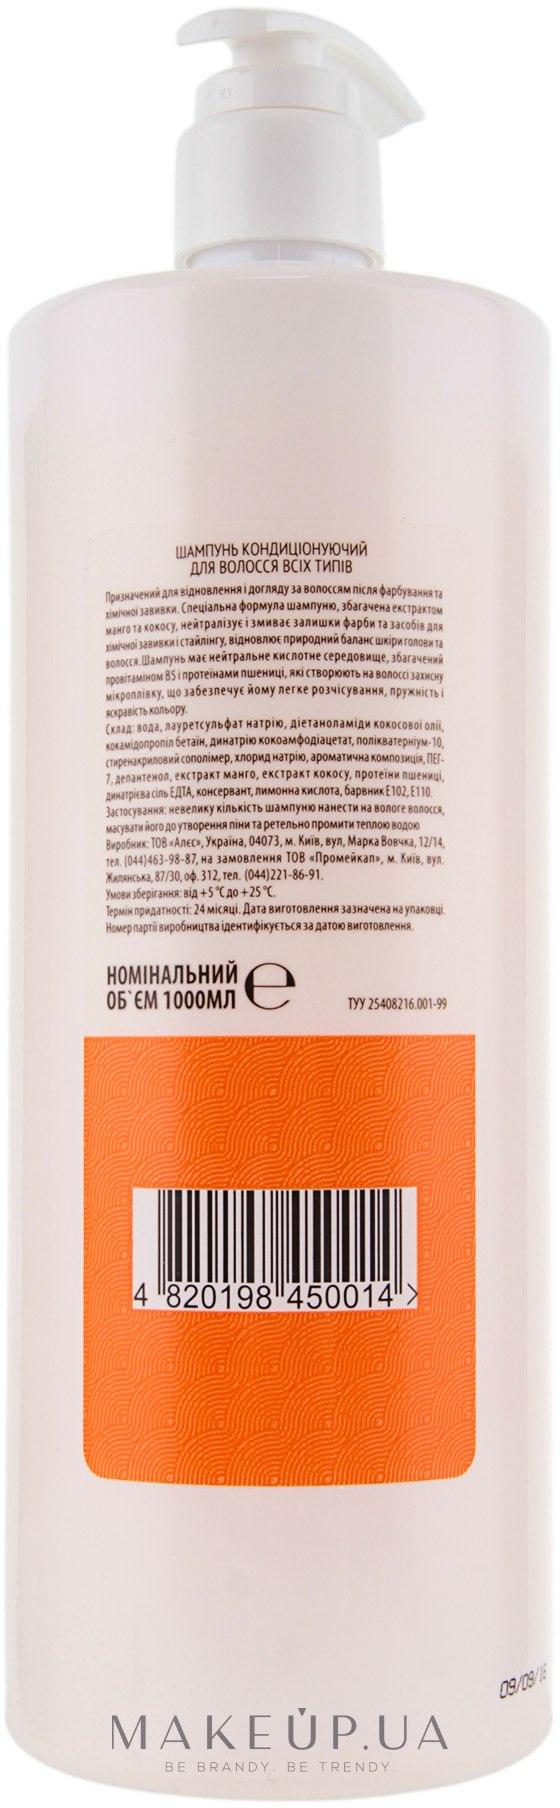 Шампунь с кондиционером для волос